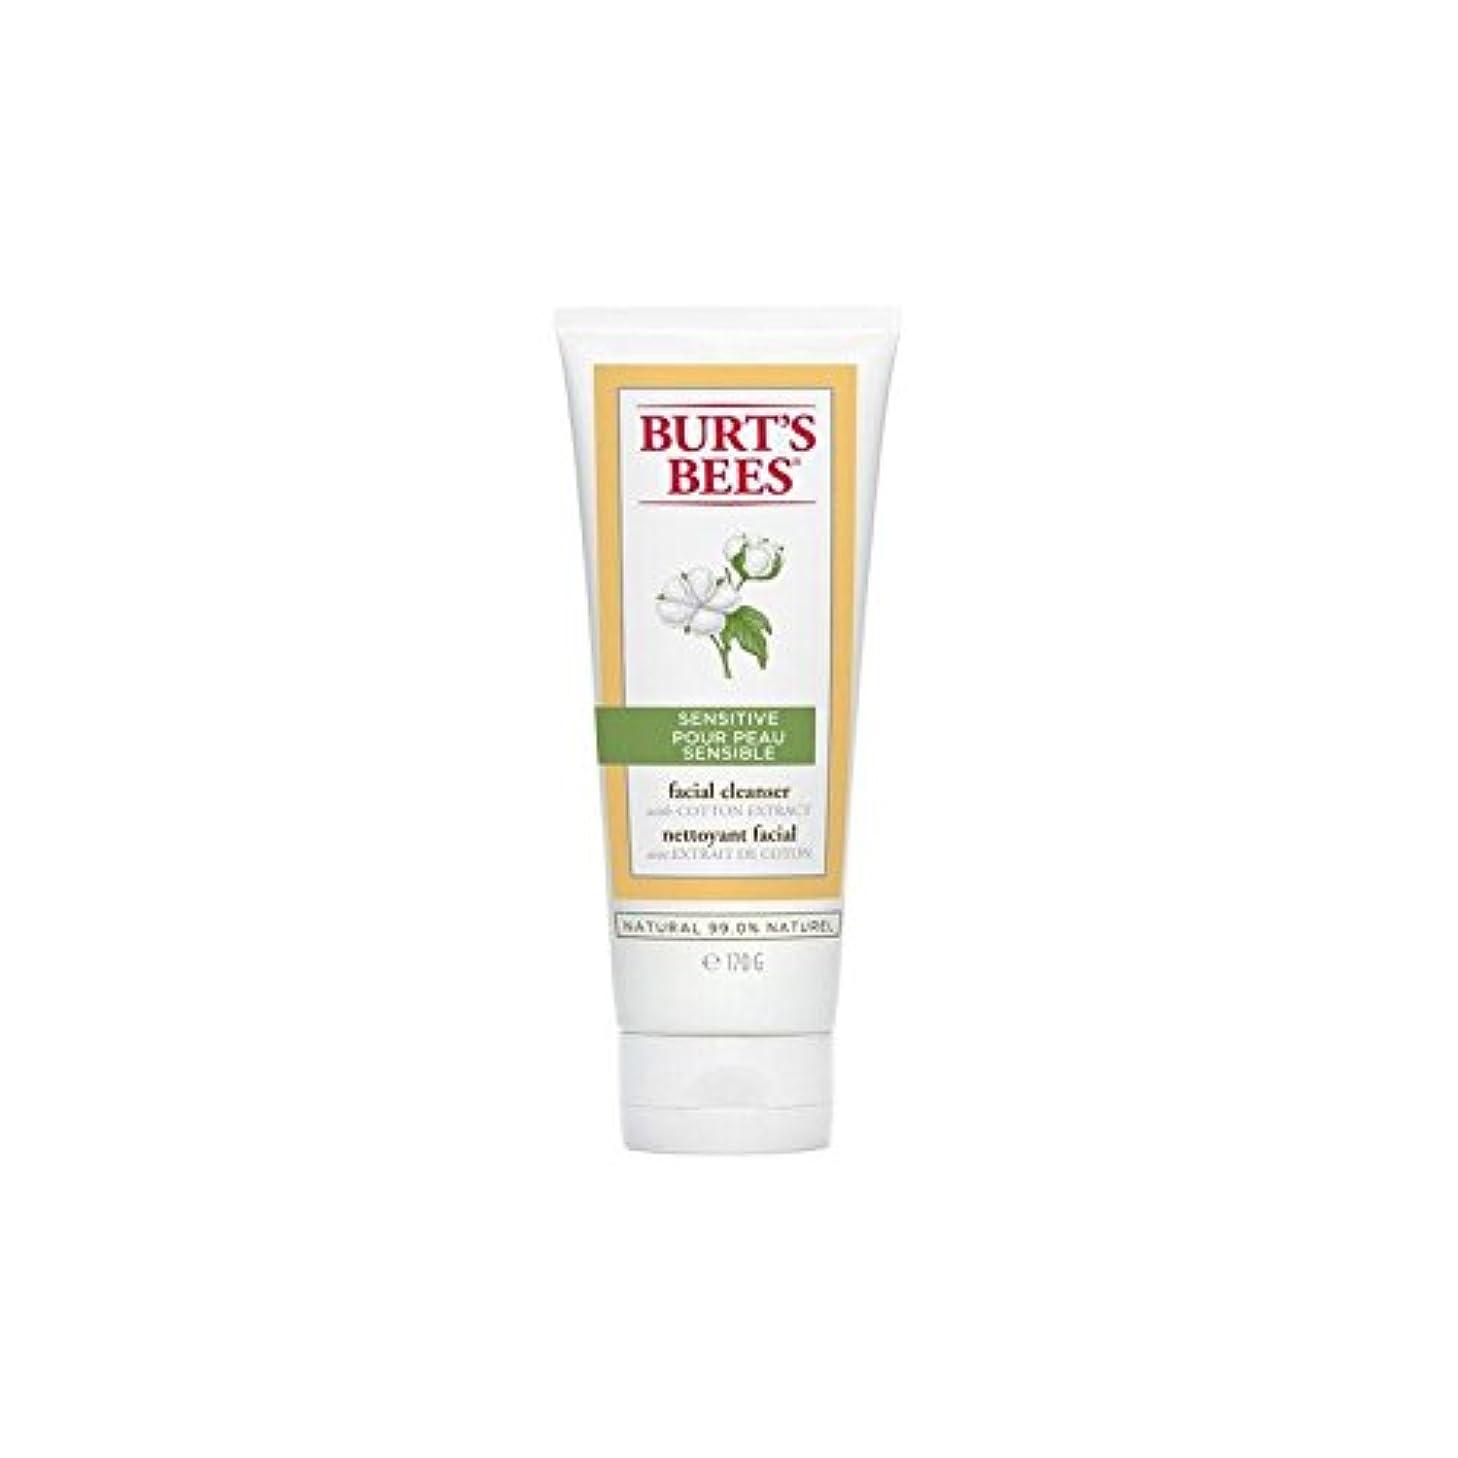 状態ガロン実用的バーツビー敏感な洗顔料の170グラム x2 - Burt's Bees Sensitive Facial Cleanser 170G (Pack of 2) [並行輸入品]